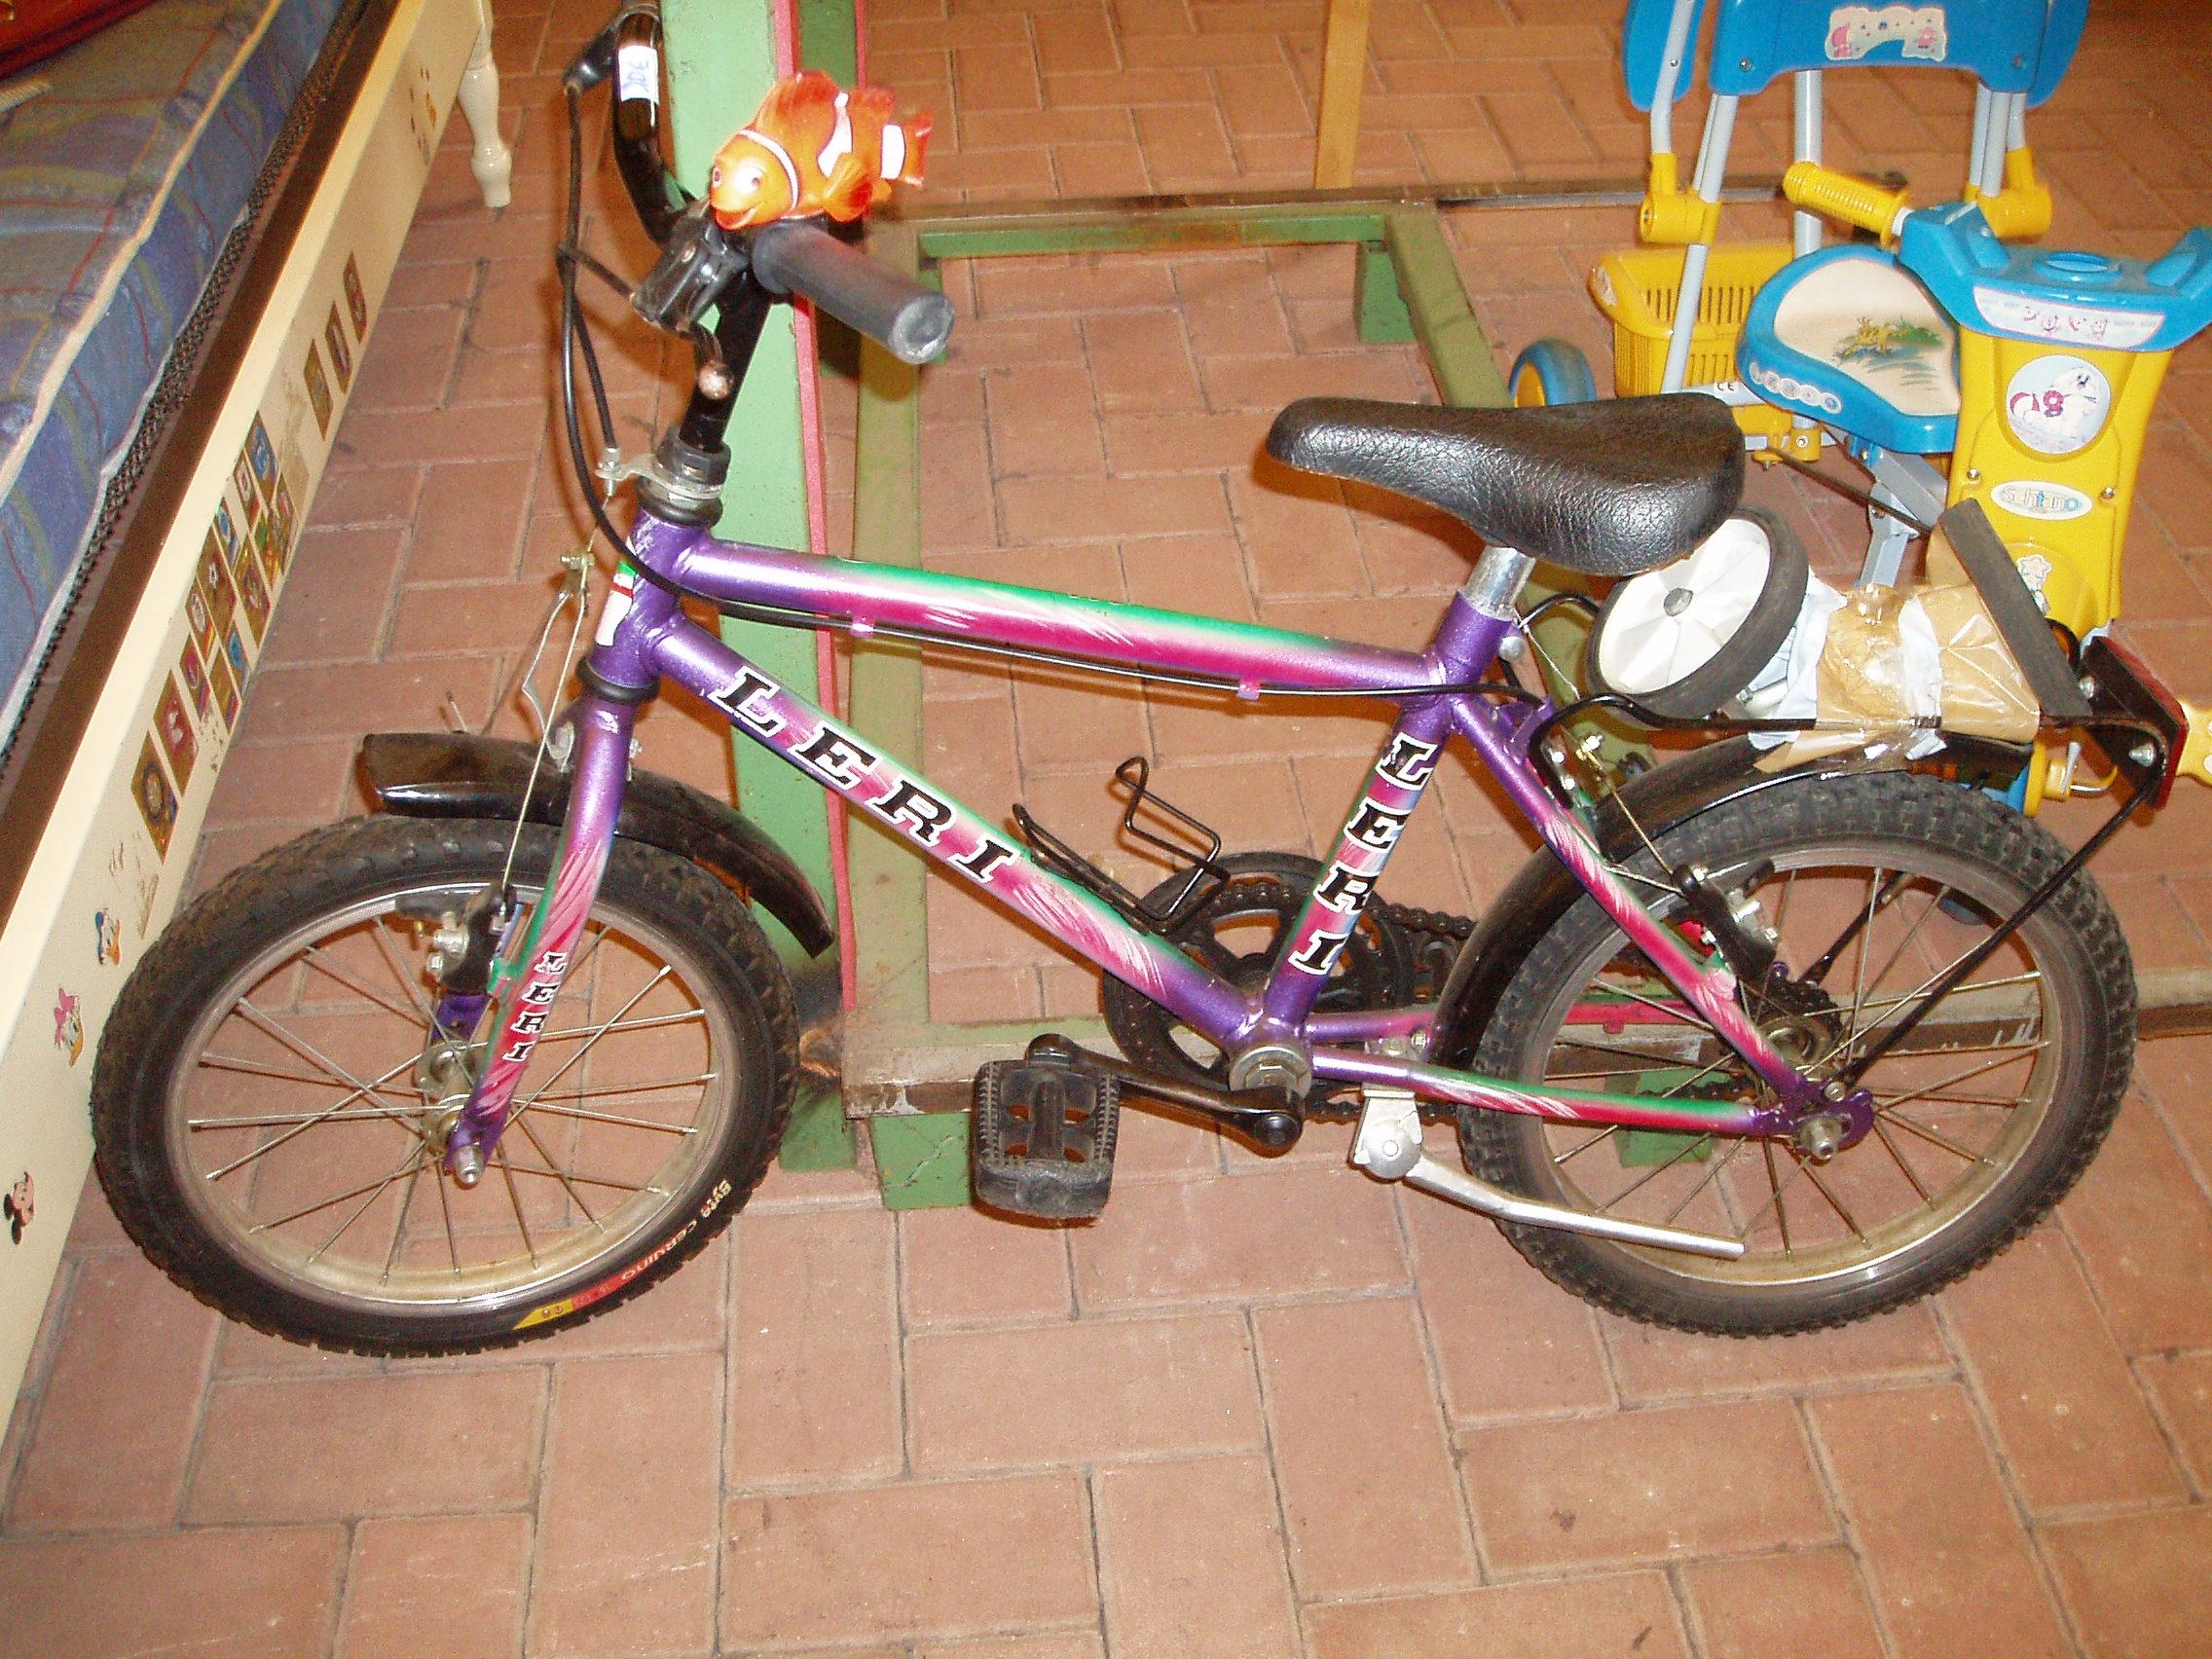 Usato biciclette monza e brianza il tendone solidale for Mercatino usato monza